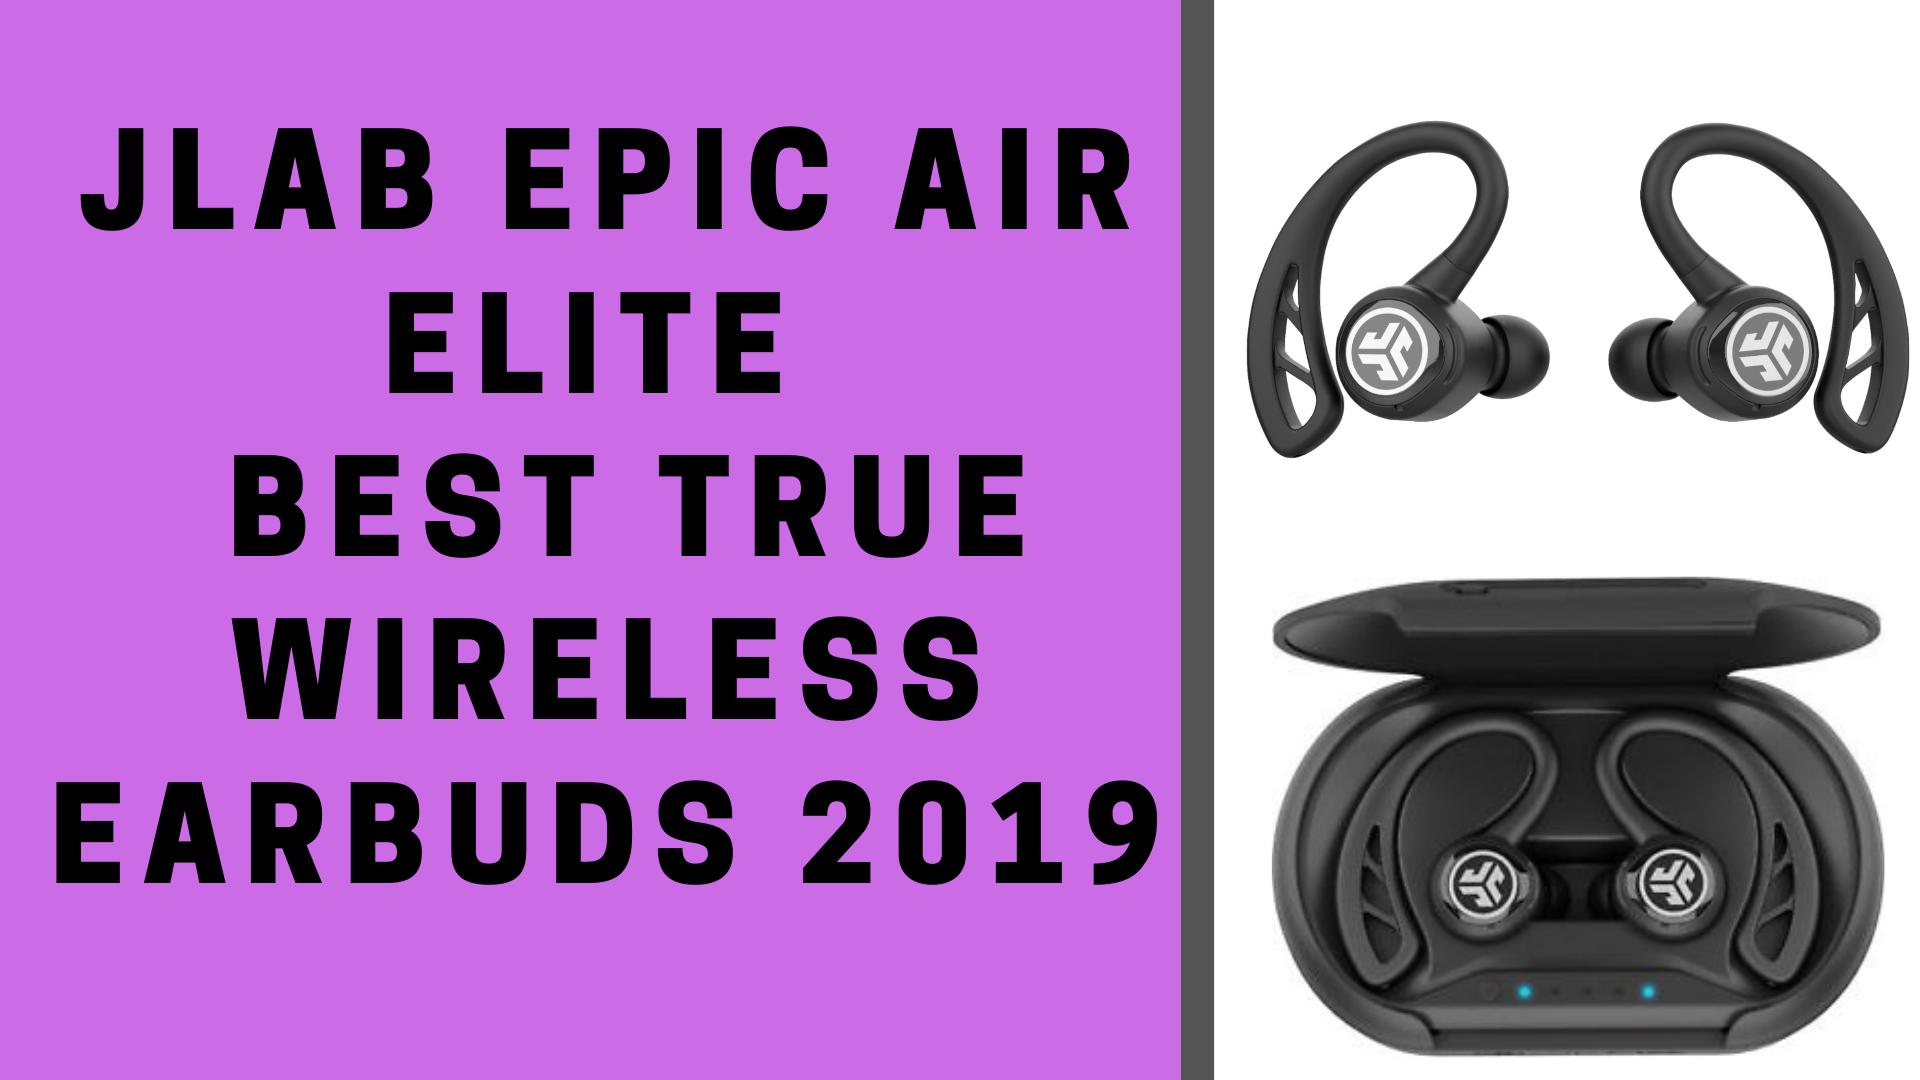 Jlab Epic Air Elite Best True Wireless Earbuds 2019